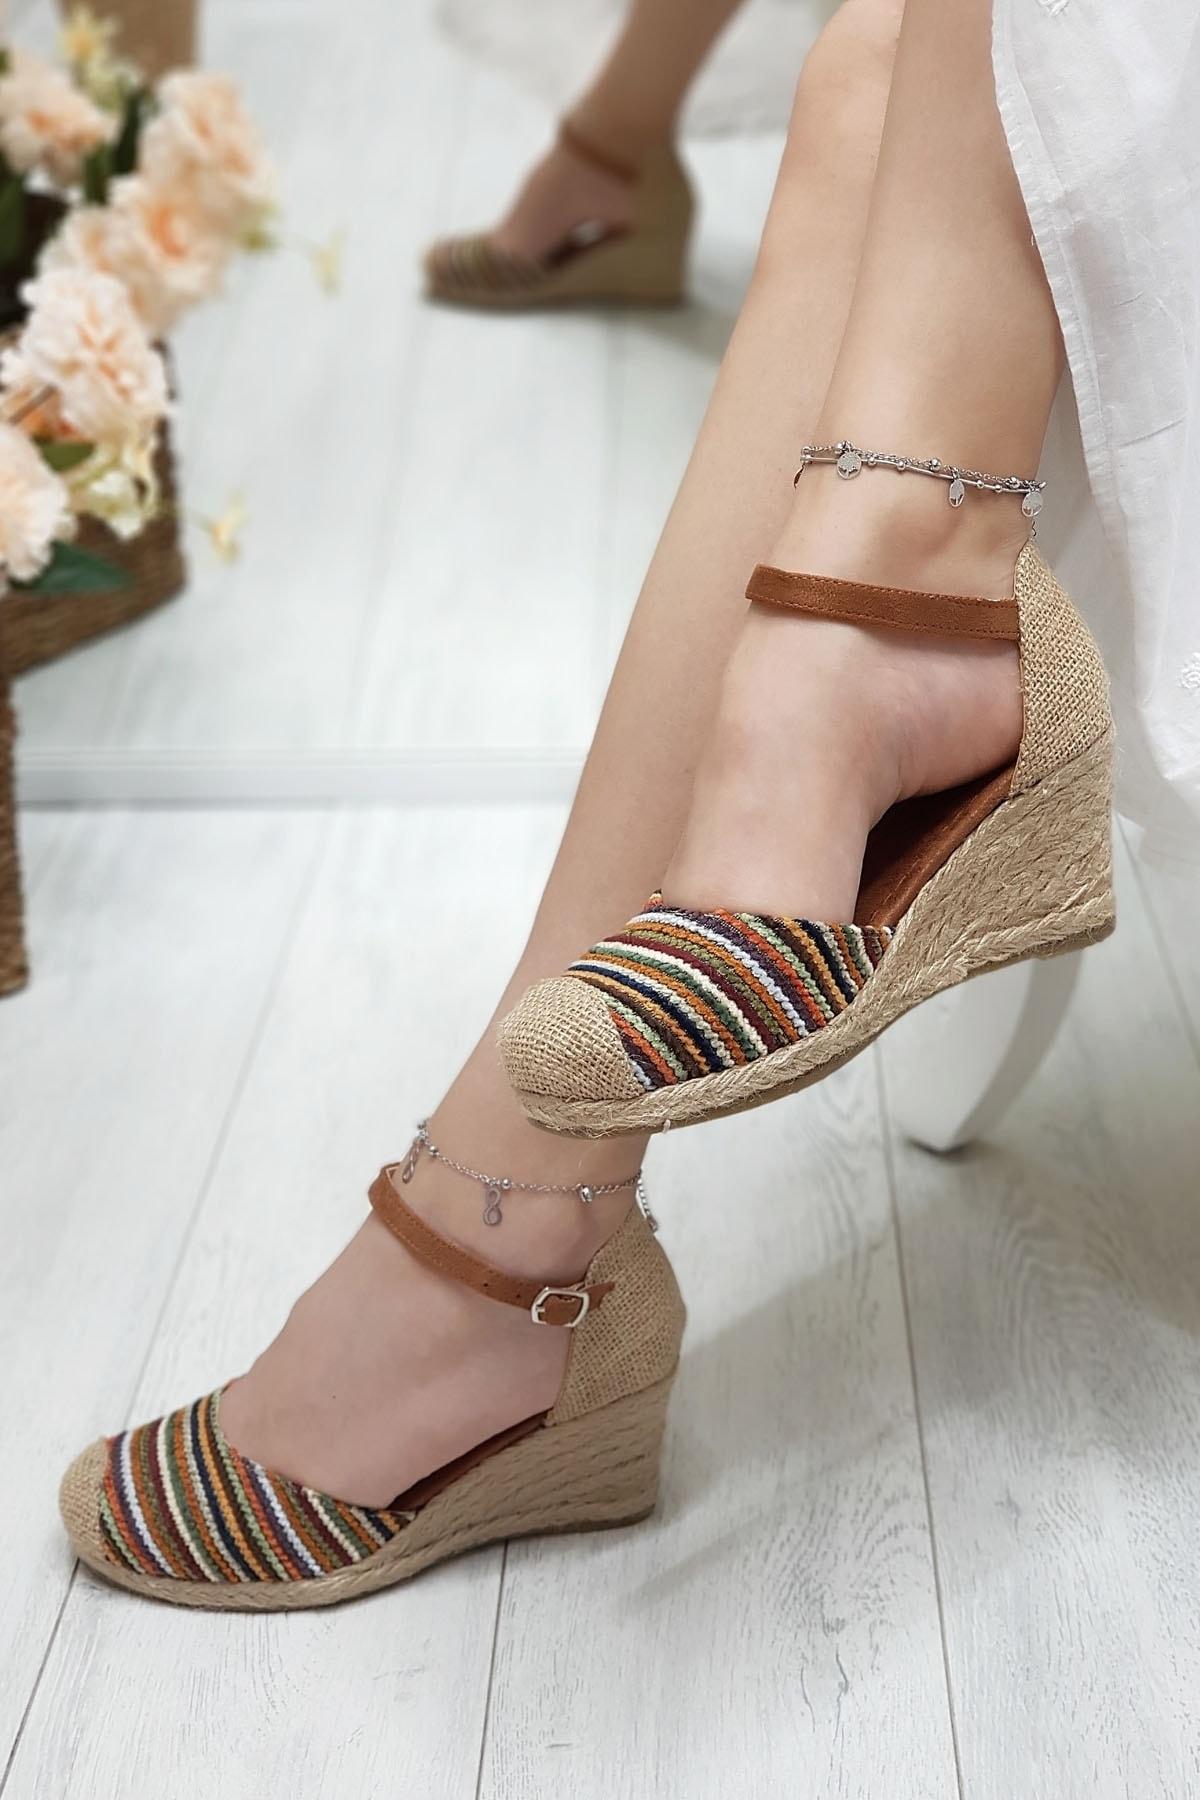 Metin Taka Julian Renkli, Hasır Dolgu Kadın Ayakkabısı 1